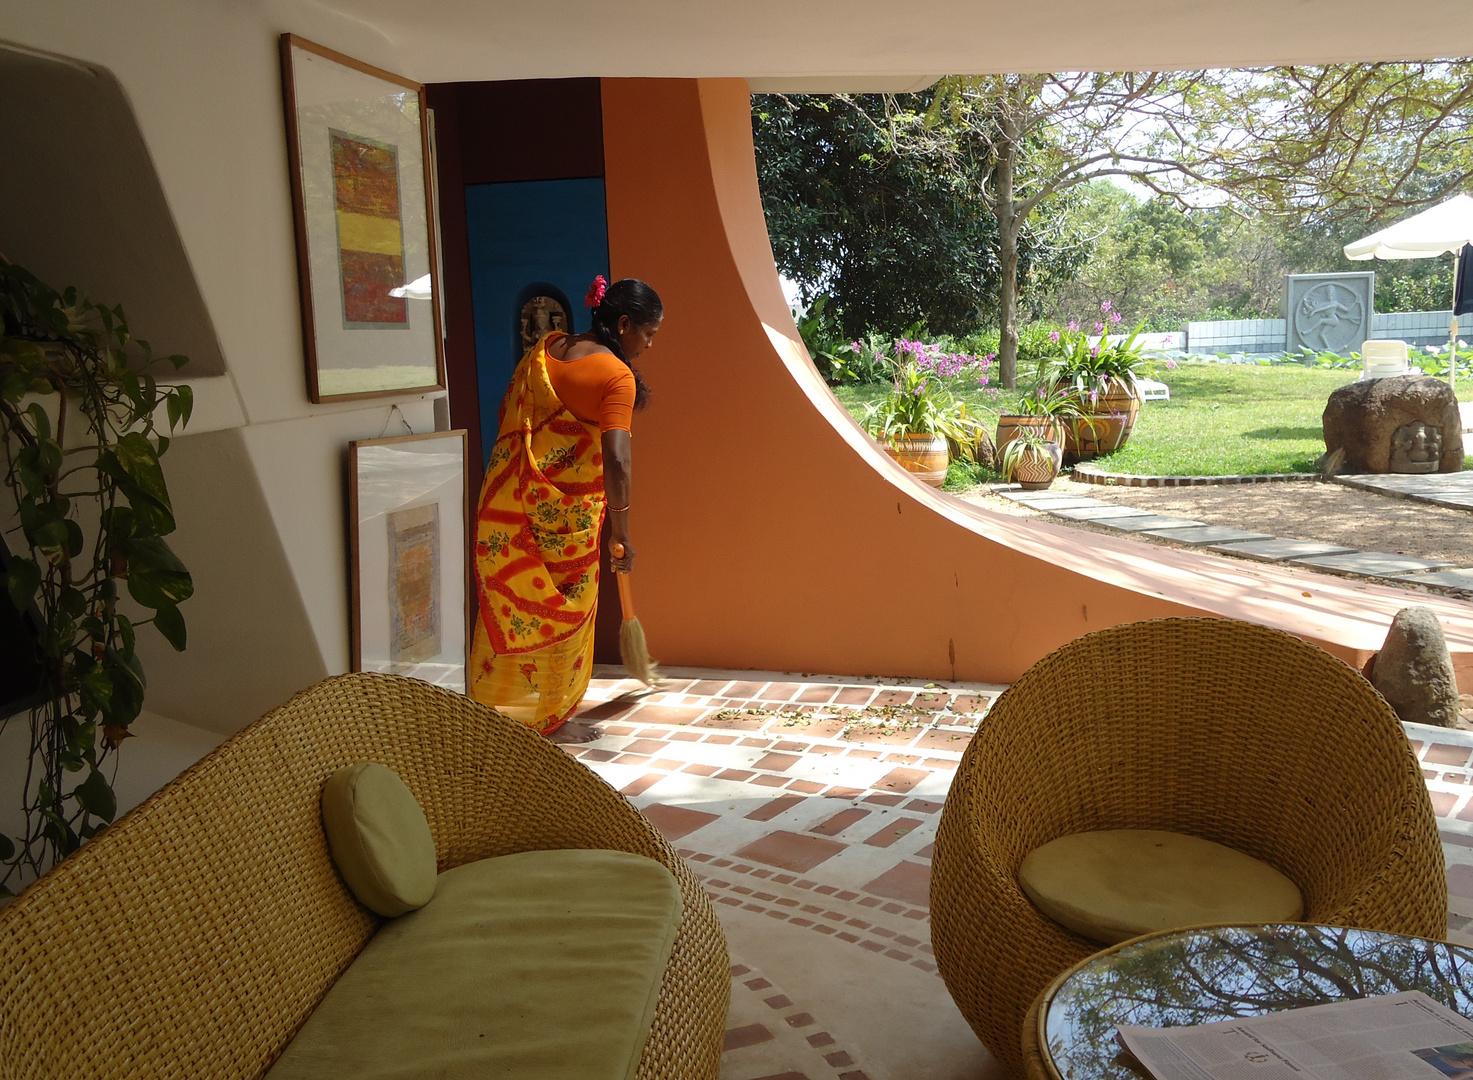 Vivre dehors dedans ! ... Tout un art chez les Aurovilliens !